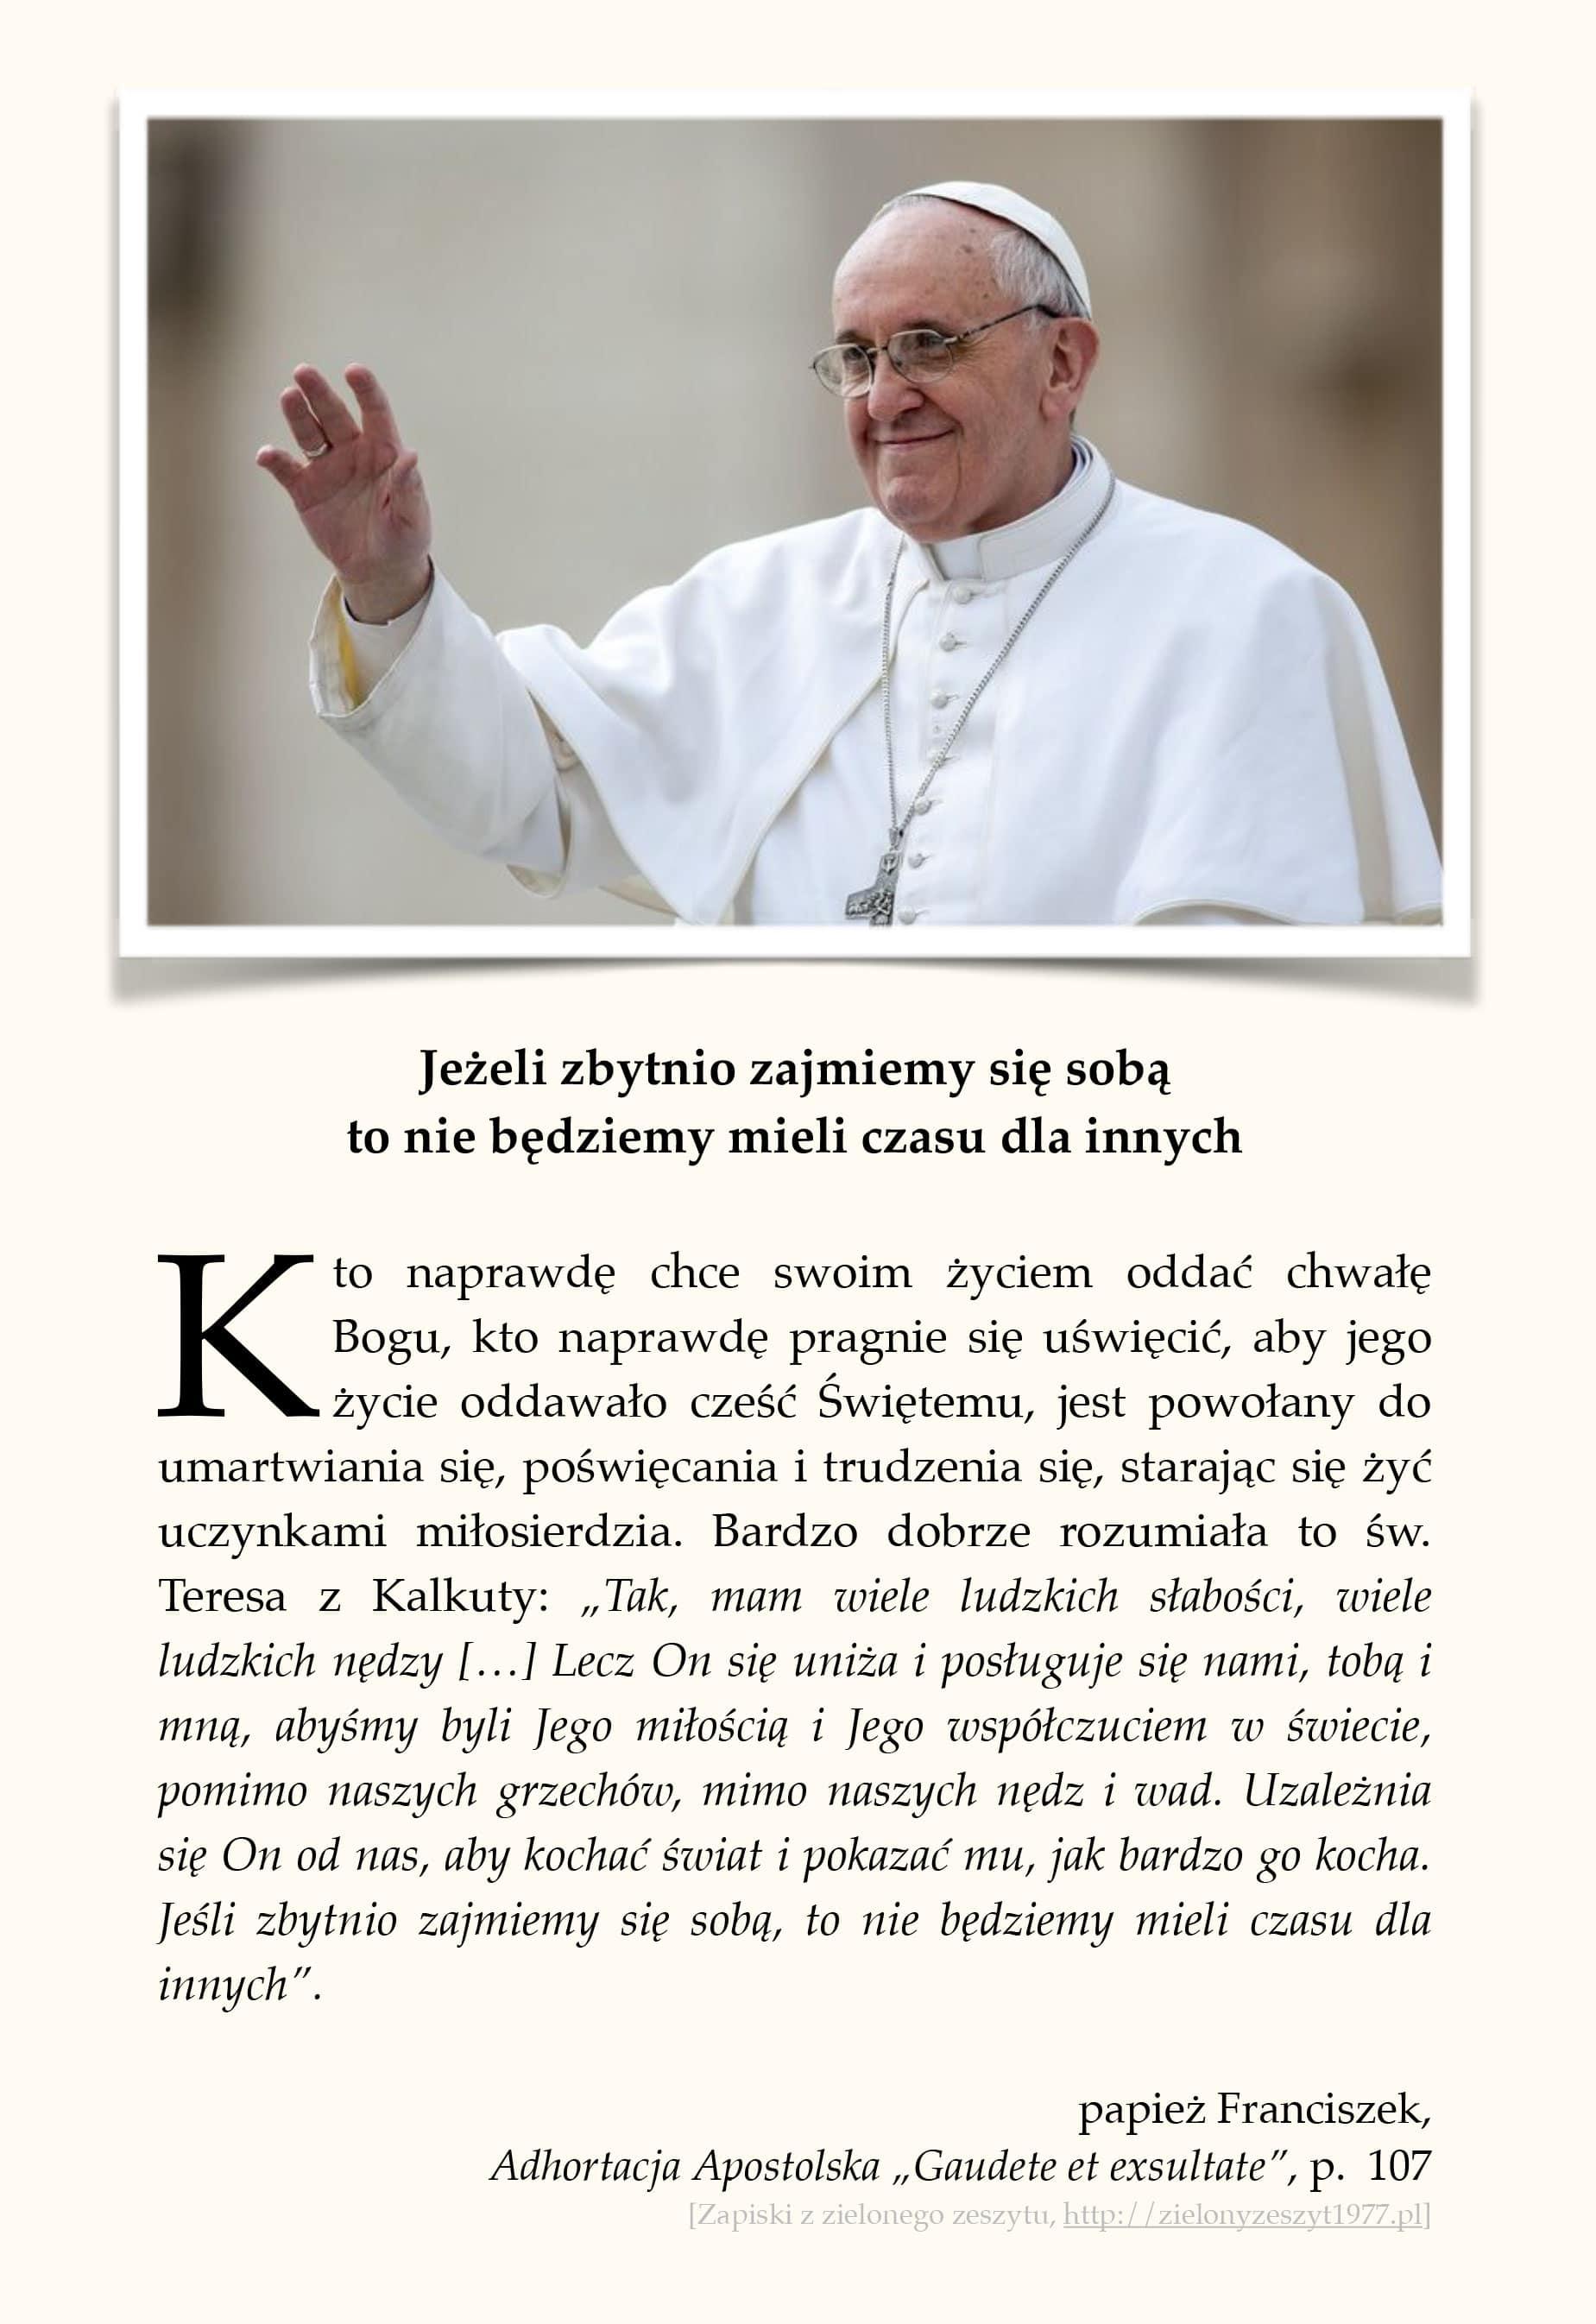 """papież Franciszek, Adhortacja Apostolska """"Gaudete et exsultate"""", p. 107 (Jeżeli zbytnio zajmiemy się sobą to nie będziemy mieli czasu dla innych)"""